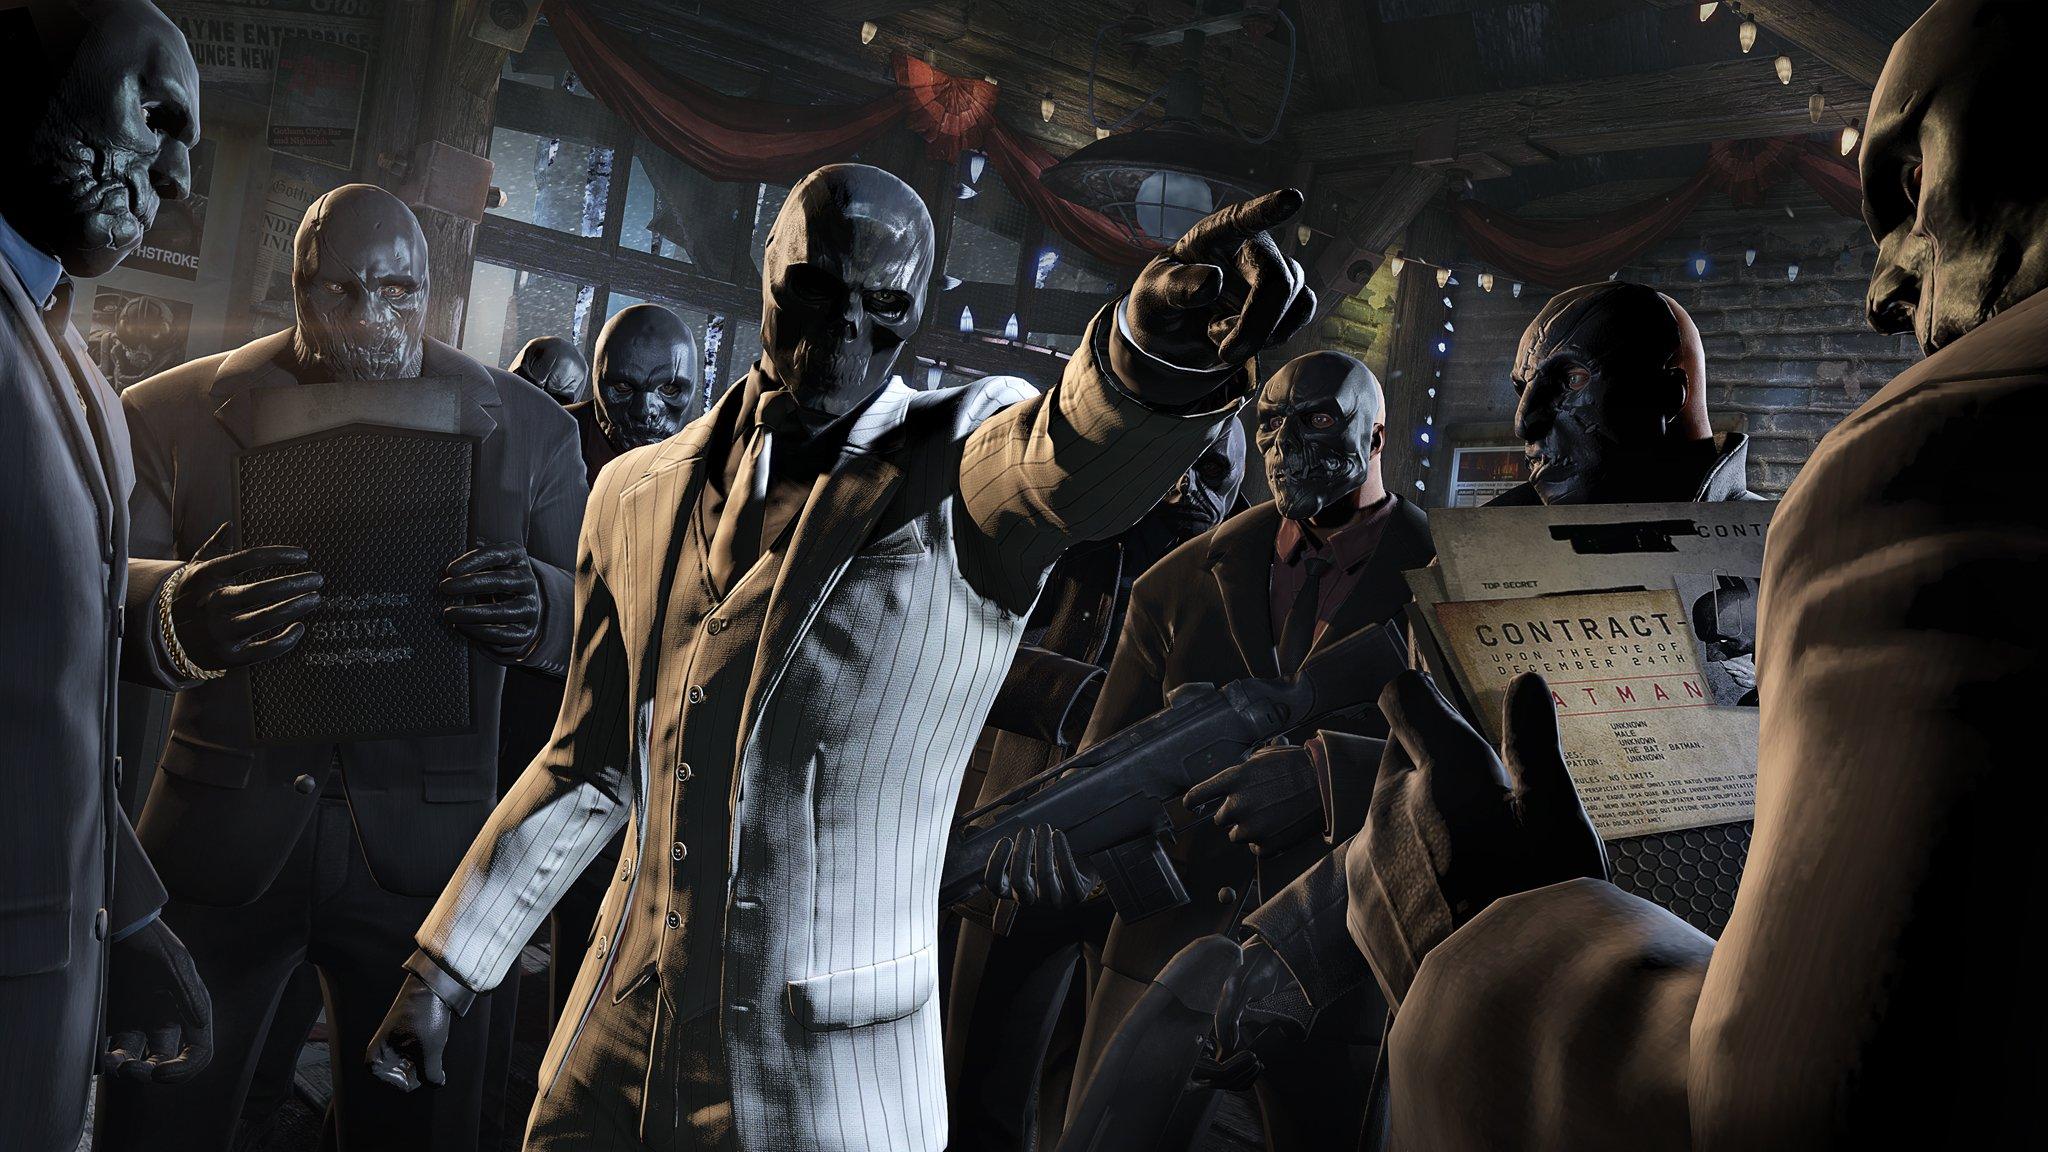 Закончил проходить Batman arkham origins на боксе,классная игра. Очень жаль что в нашей стране не было в продаже клл .... - Изображение 1